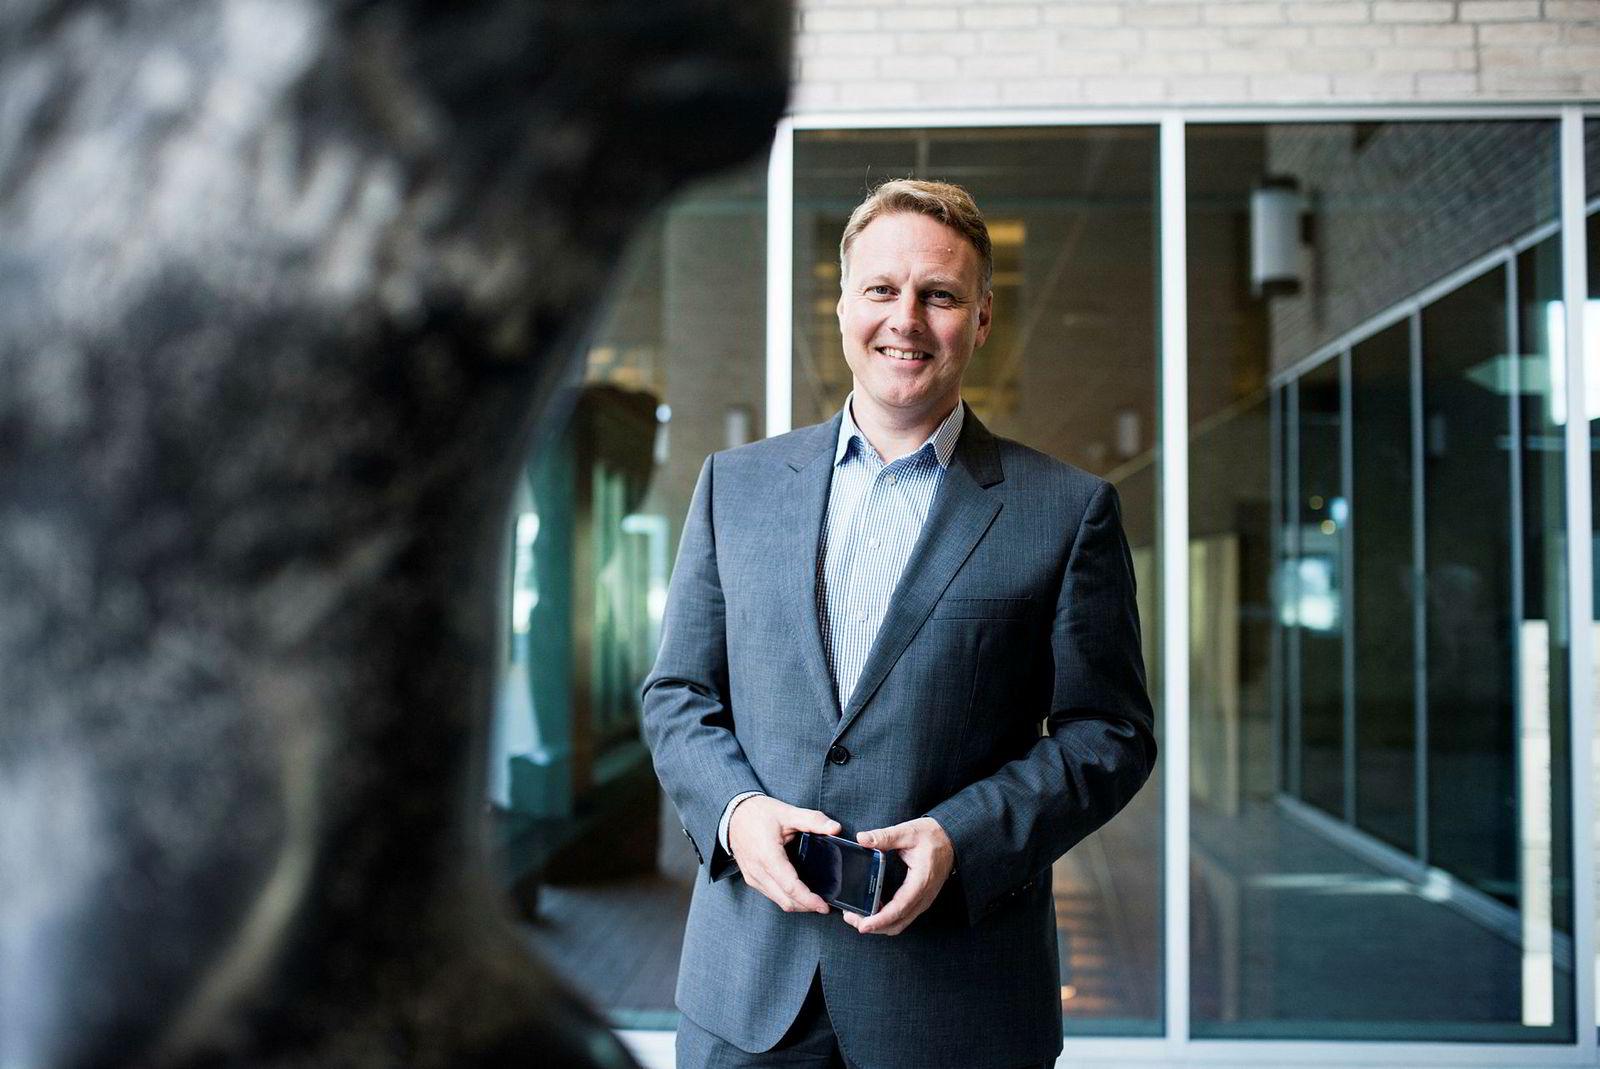 Konserndirektør Trond Bentestuen i DNB tror ikke lukking av filialer har påvirket kundeveksten særlig og mener sparebankene overdriver effekten.